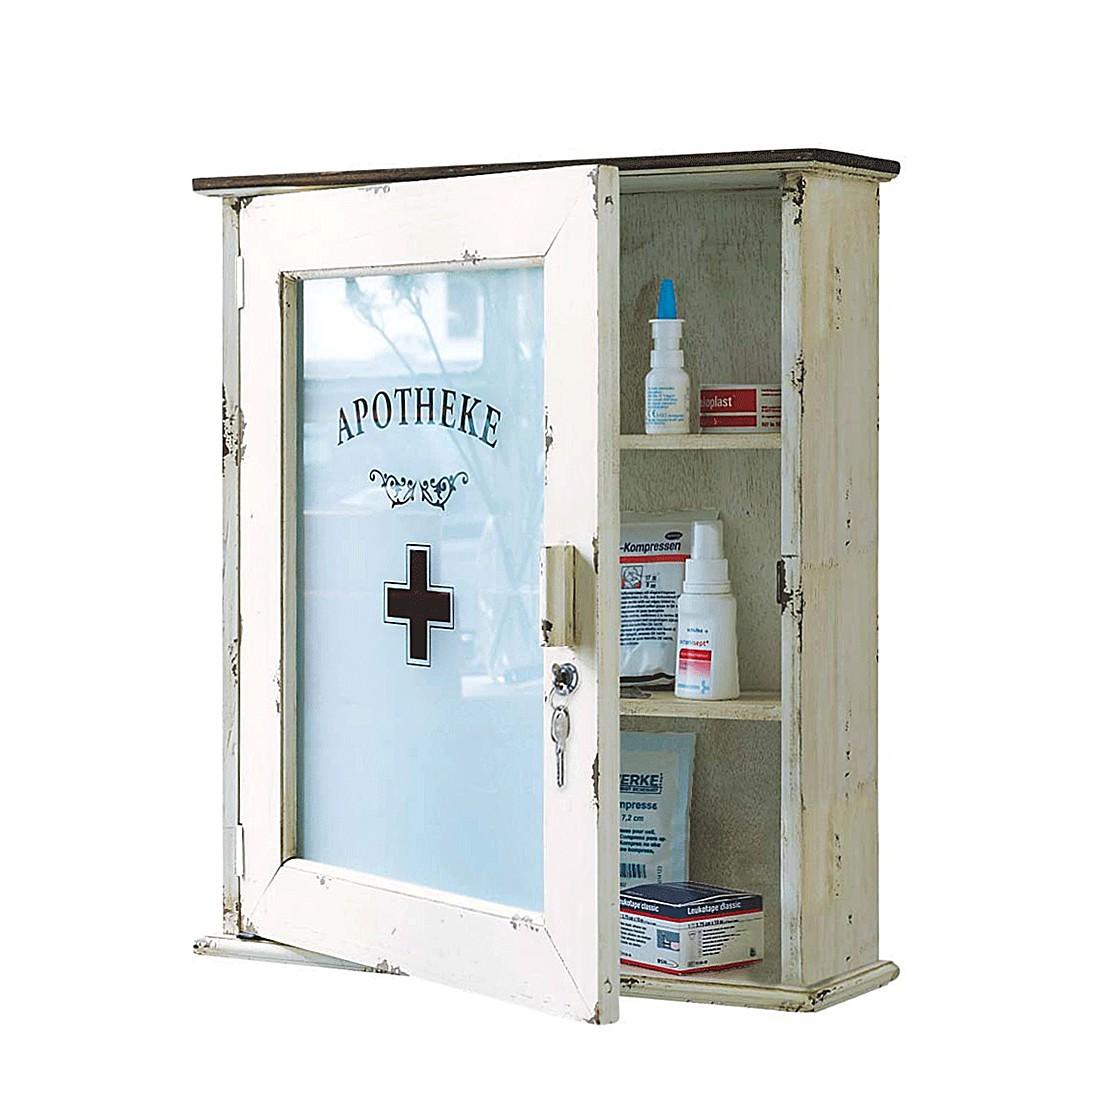 medizinschrank fichtenholz glas altwei. Black Bedroom Furniture Sets. Home Design Ideas